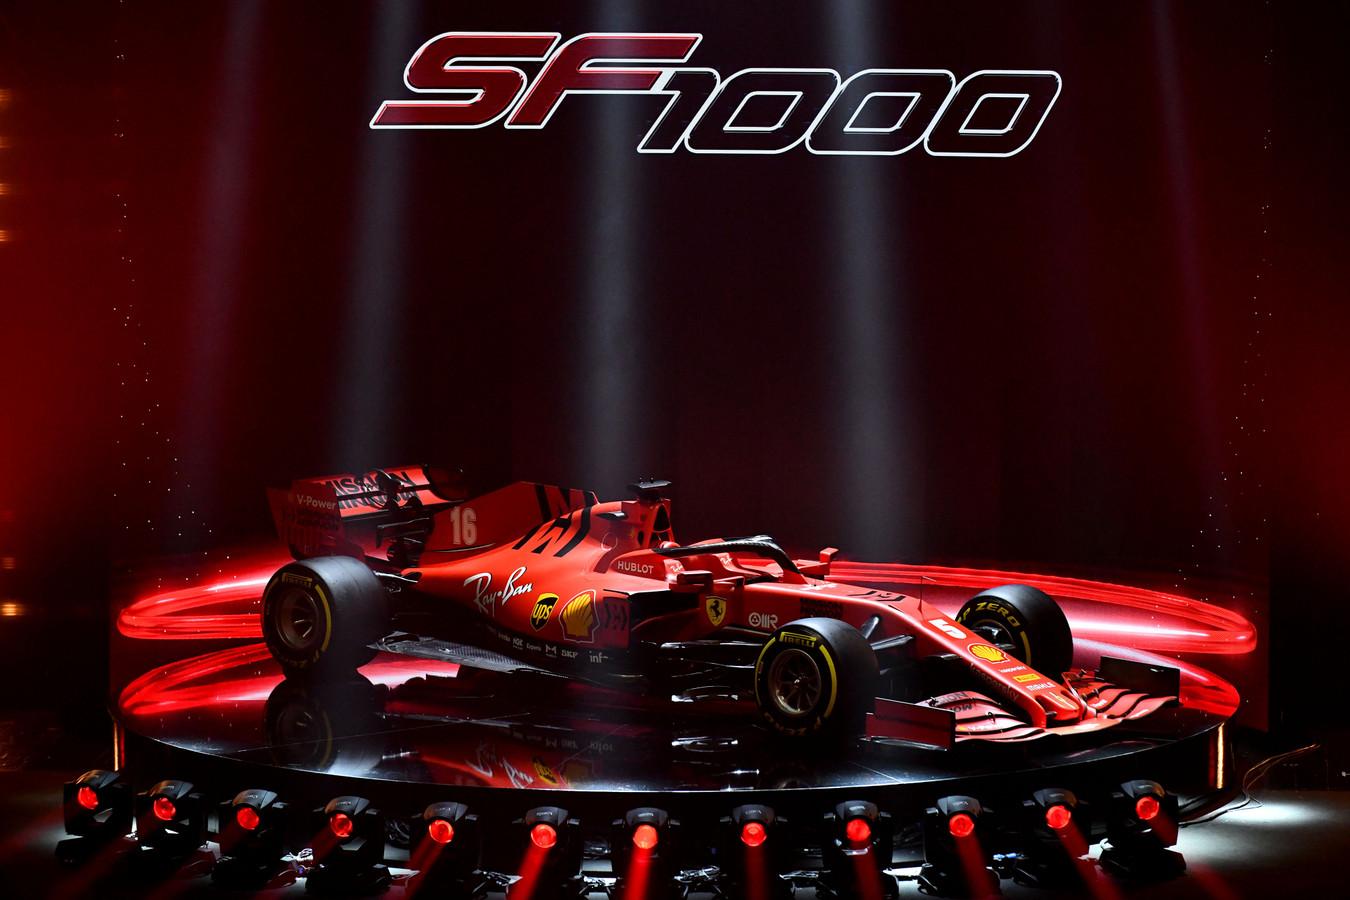 """Ferrari apresenta SF1000 com """"pompa e circunstância"""""""